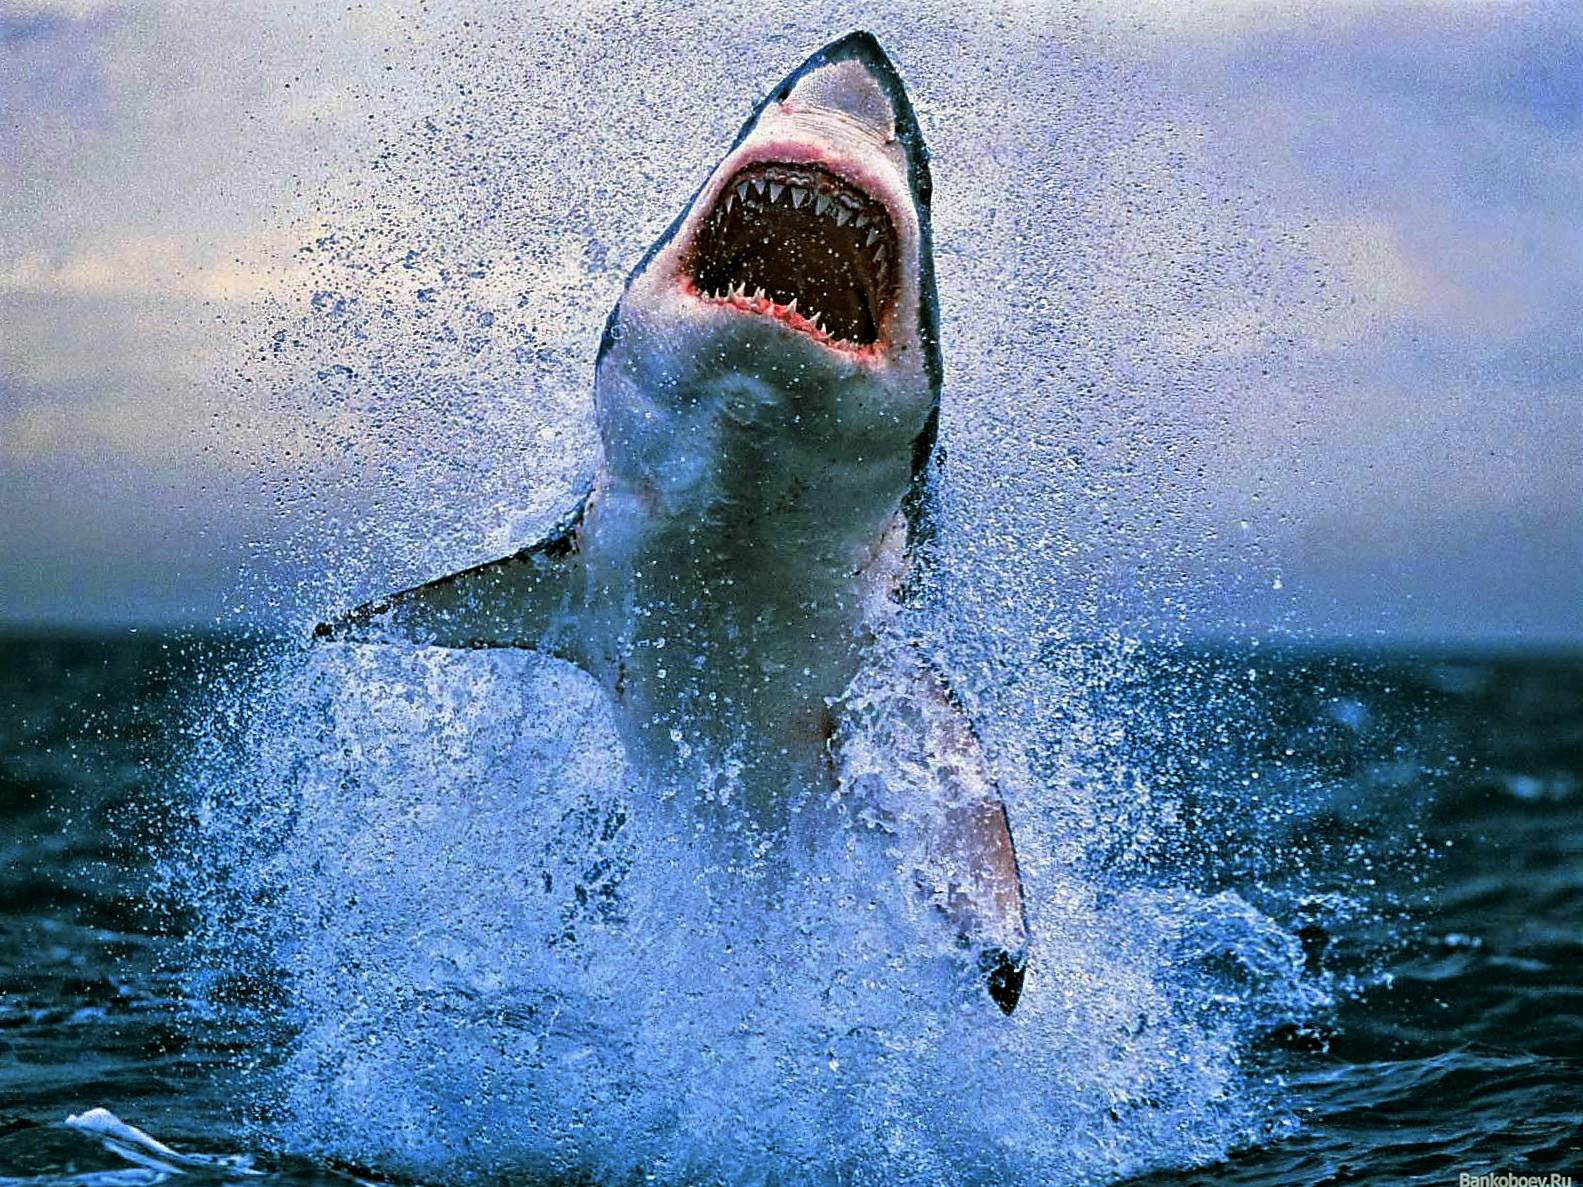 Fieggentrio: Witte haai.